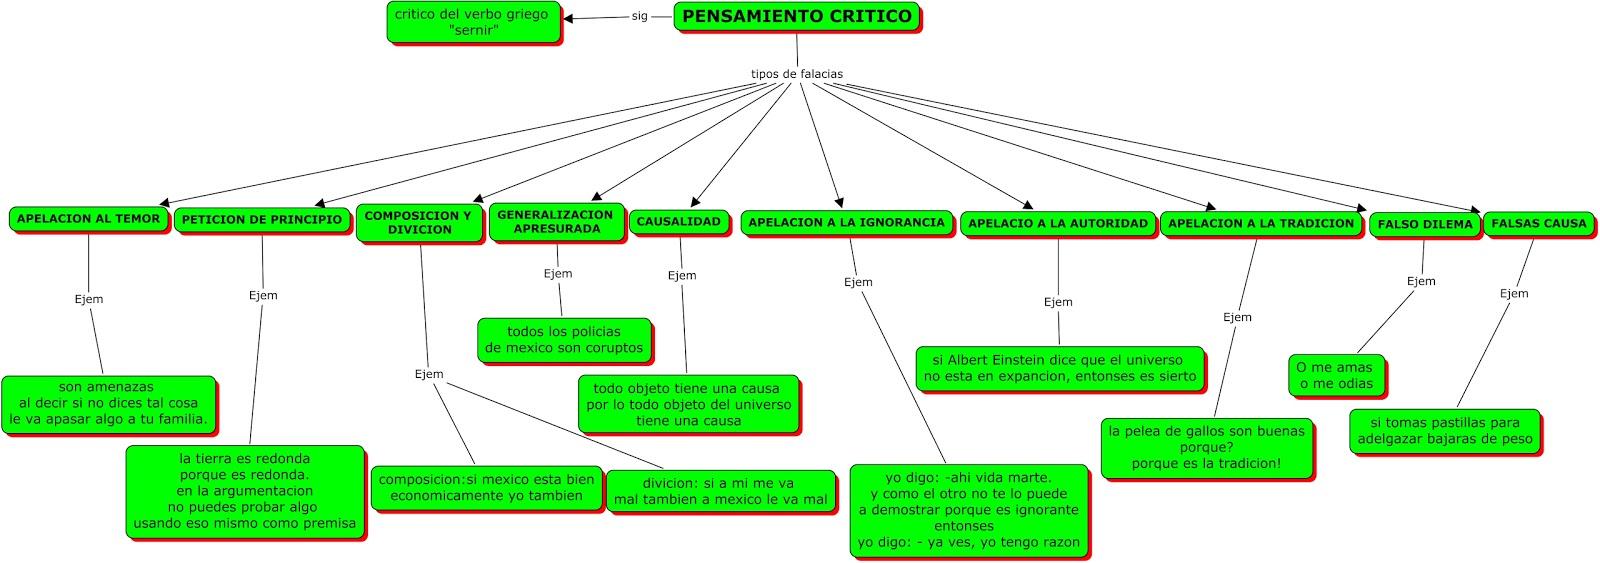 Este es el examen de Saydel, mostrando el mapa conceptual de las ...